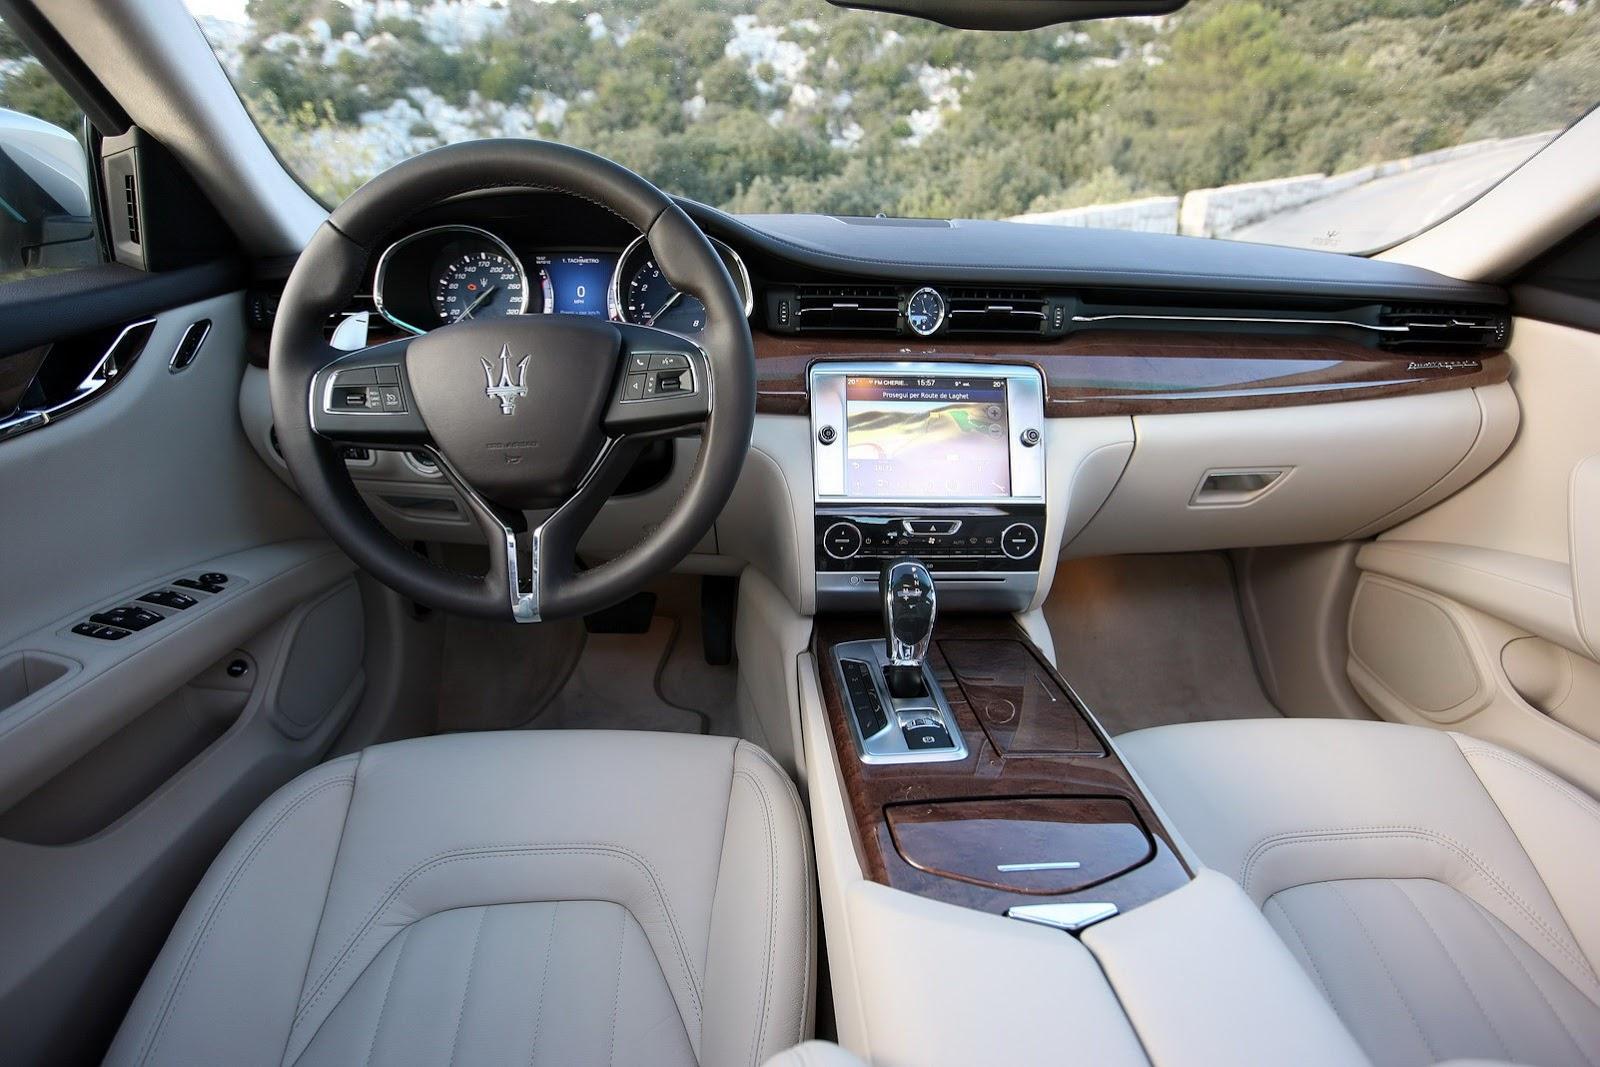 new-2013-maserati-quattroporte Maserati Quattroporte 2013 Interior